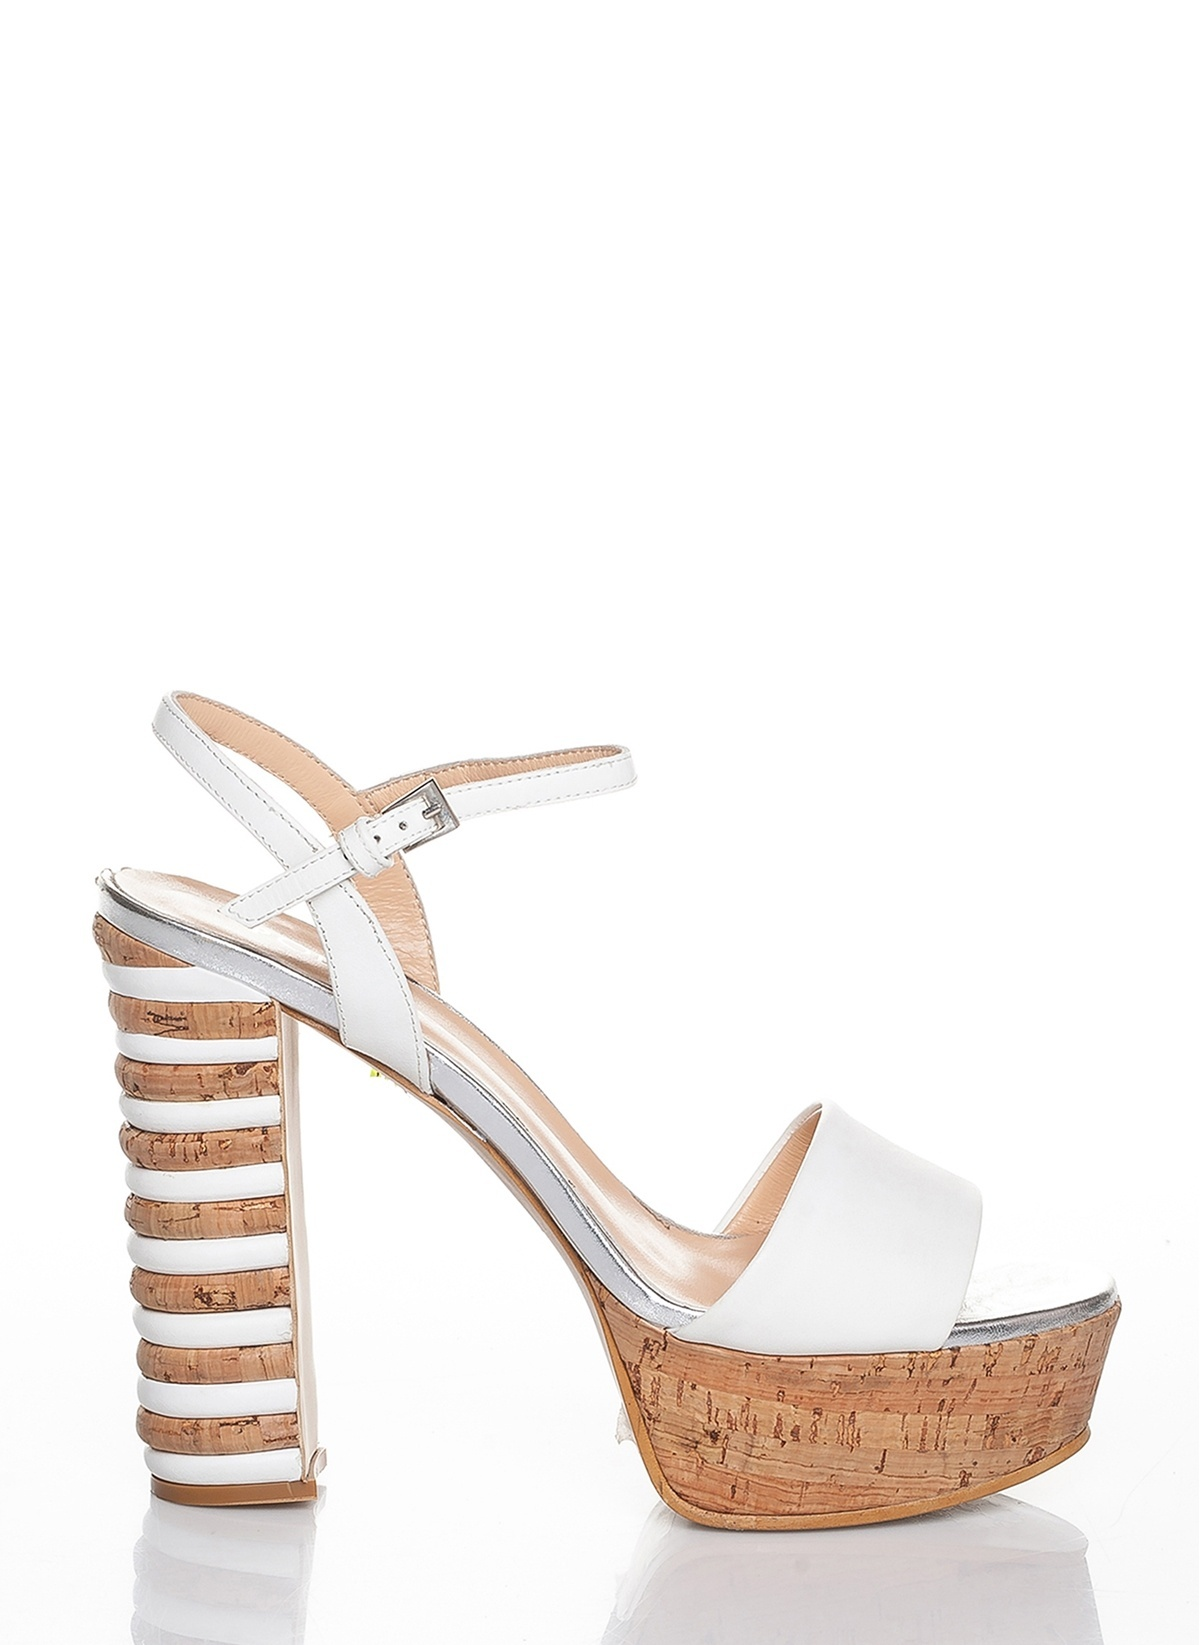 Efem Deri Ayakkabı 19yplt319-127002 Stiletto – 380.0 TL